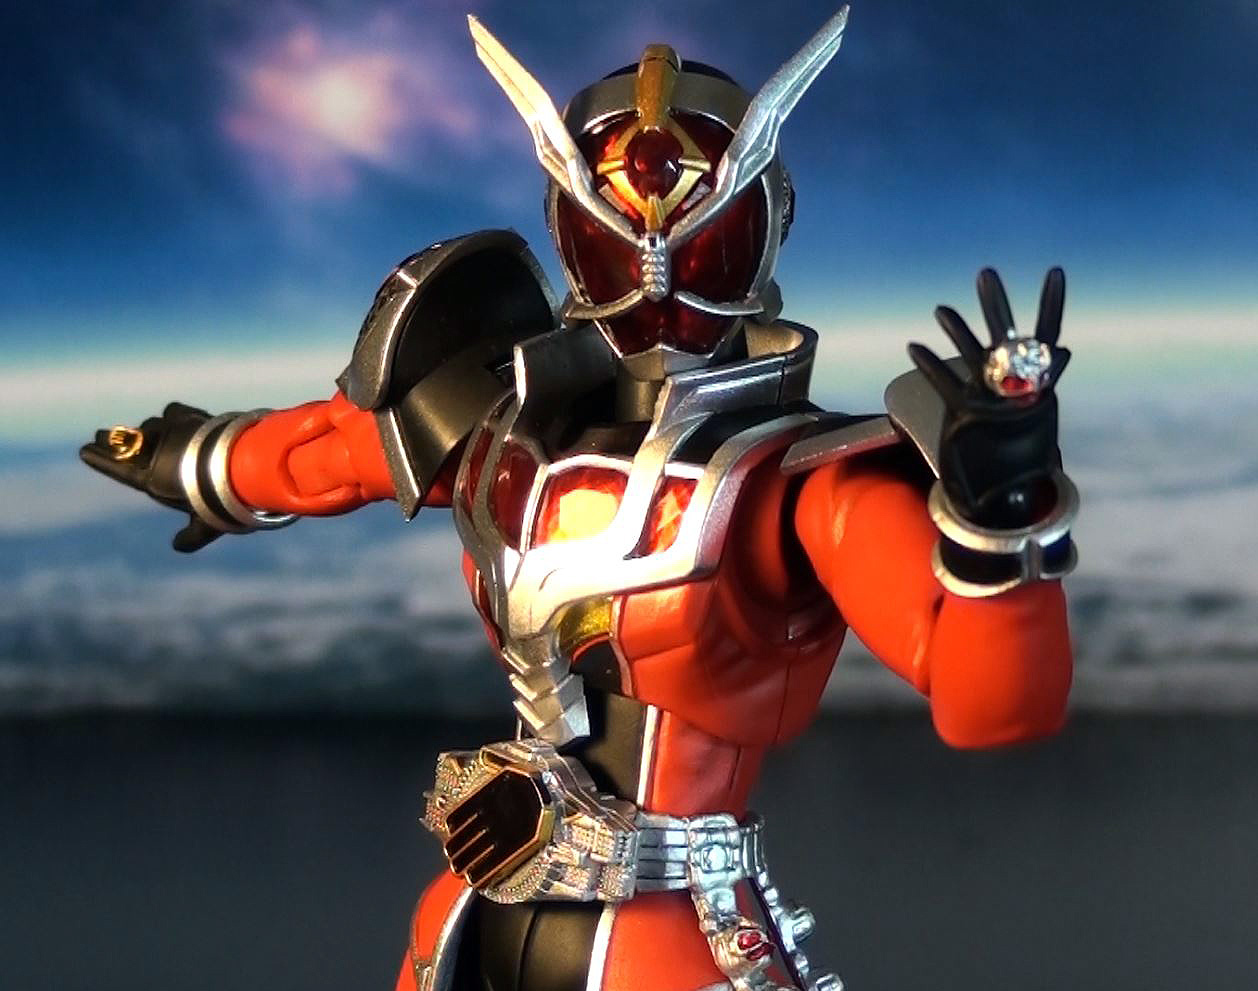 Kamen Rider Wizard Red Kamen Rider Wizard Flame